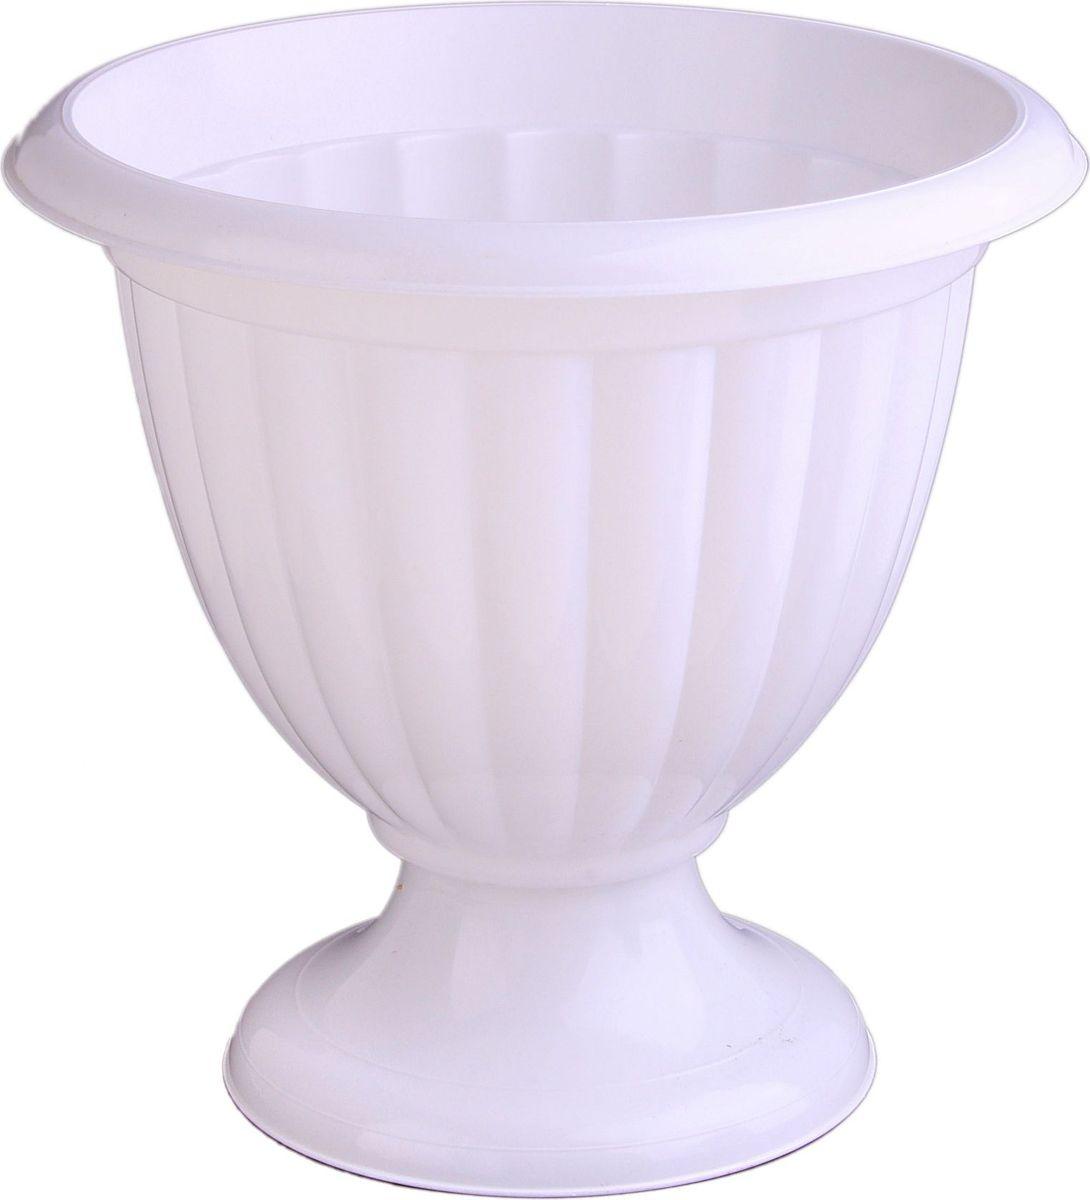 Вазон Альтернатива Жасмин, цвет: белый, 9 л577731Любой, даже самый современный и продуманный интерьер будет не завершенным без растений. Они не только очищают воздух и насыщают его кислородом, но и заметно украшают окружающее пространство. Такому полезному члену семьи просто необходимо красивое и функциональное кашпо, оригинальный горшок или необычная ваза! Для этих целей идеально подойдет вазон Альтернатива Жасмин.Оптимальный выбор материала - это пластмасса! С легкостью переносите горшки и кашпо с места на место, ставьте их на столики или полки, подвешивайте под потолок, не беспокоясь о нагрузке.Пластиковые изделия не нуждаются в специальных условиях хранения. Их легко чистить достаточно просто сполоснуть теплой водой. Пластиковые кашпо не царапают и не загрязняют поверхности, на которых стоят. Пластик дольше хранит влагу, а значит растение реже нуждается в поливе. Пластмасса не пропускает воздух корневой системе растения не грозят резкие перепады температур.Соблюдая нехитрые правила ухода, вы можете заметно продлить срок службы горшков, вазонов и кашпо из пластика: всегда учитывайте размер кроны и корневой системы растения (при разрастании большое растение способно повредить маленький горшок) берегите изделие от воздействия прямых солнечных лучей, чтобы кашпо и горшки не выцветали держите кашпо и горшки из пластика подальше от нагревающихся поверхностей.Создавайте прекрасные цветочные композиции, выращивайте рассаду или необычные растения.